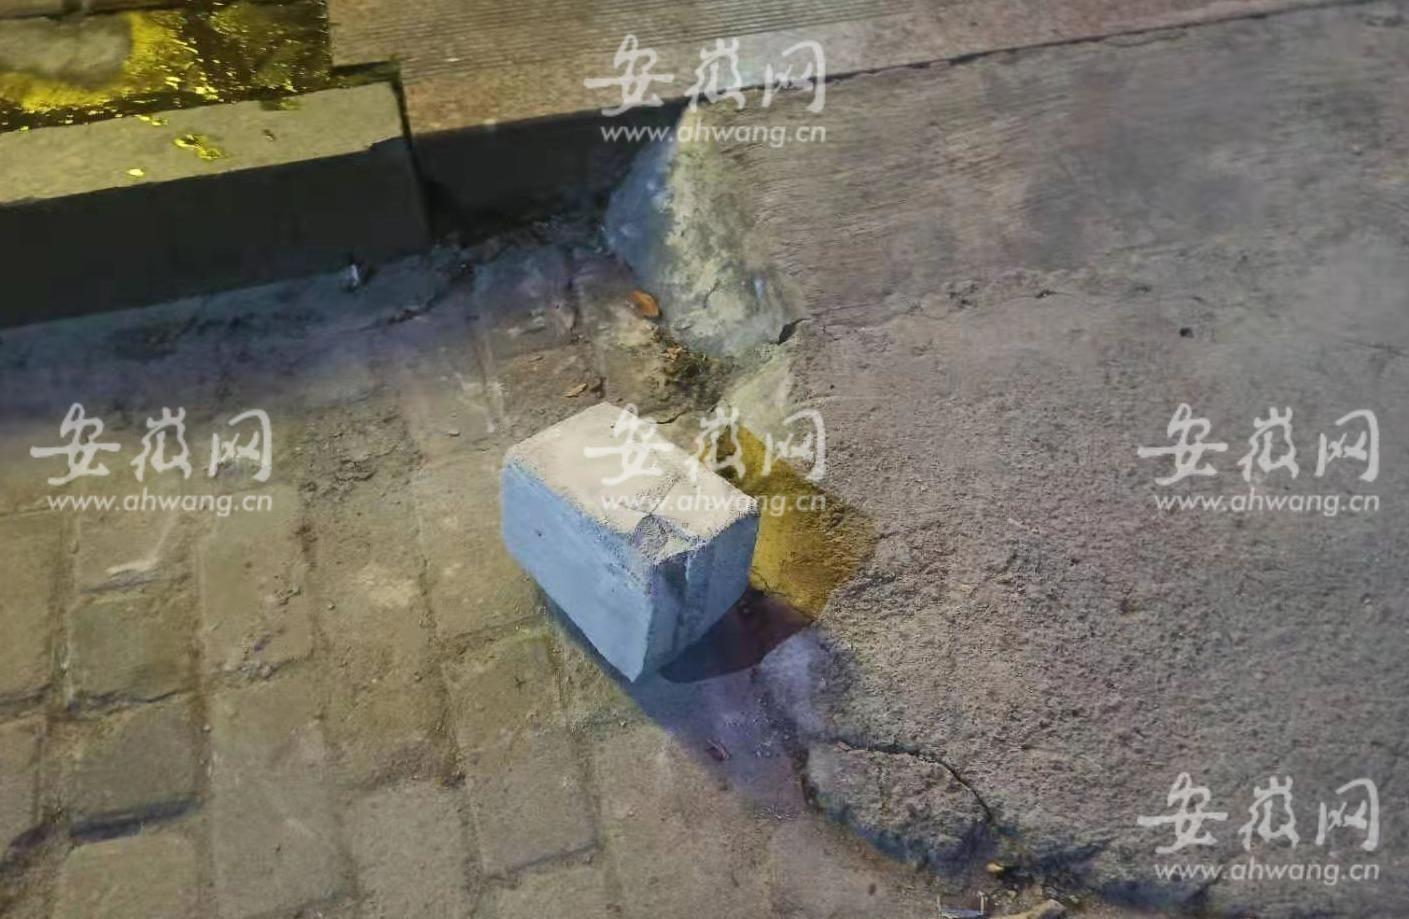 安徽潜山一小伙打羽毛球时险被楼上坠落砖头砸中:好像是瞄着打似的